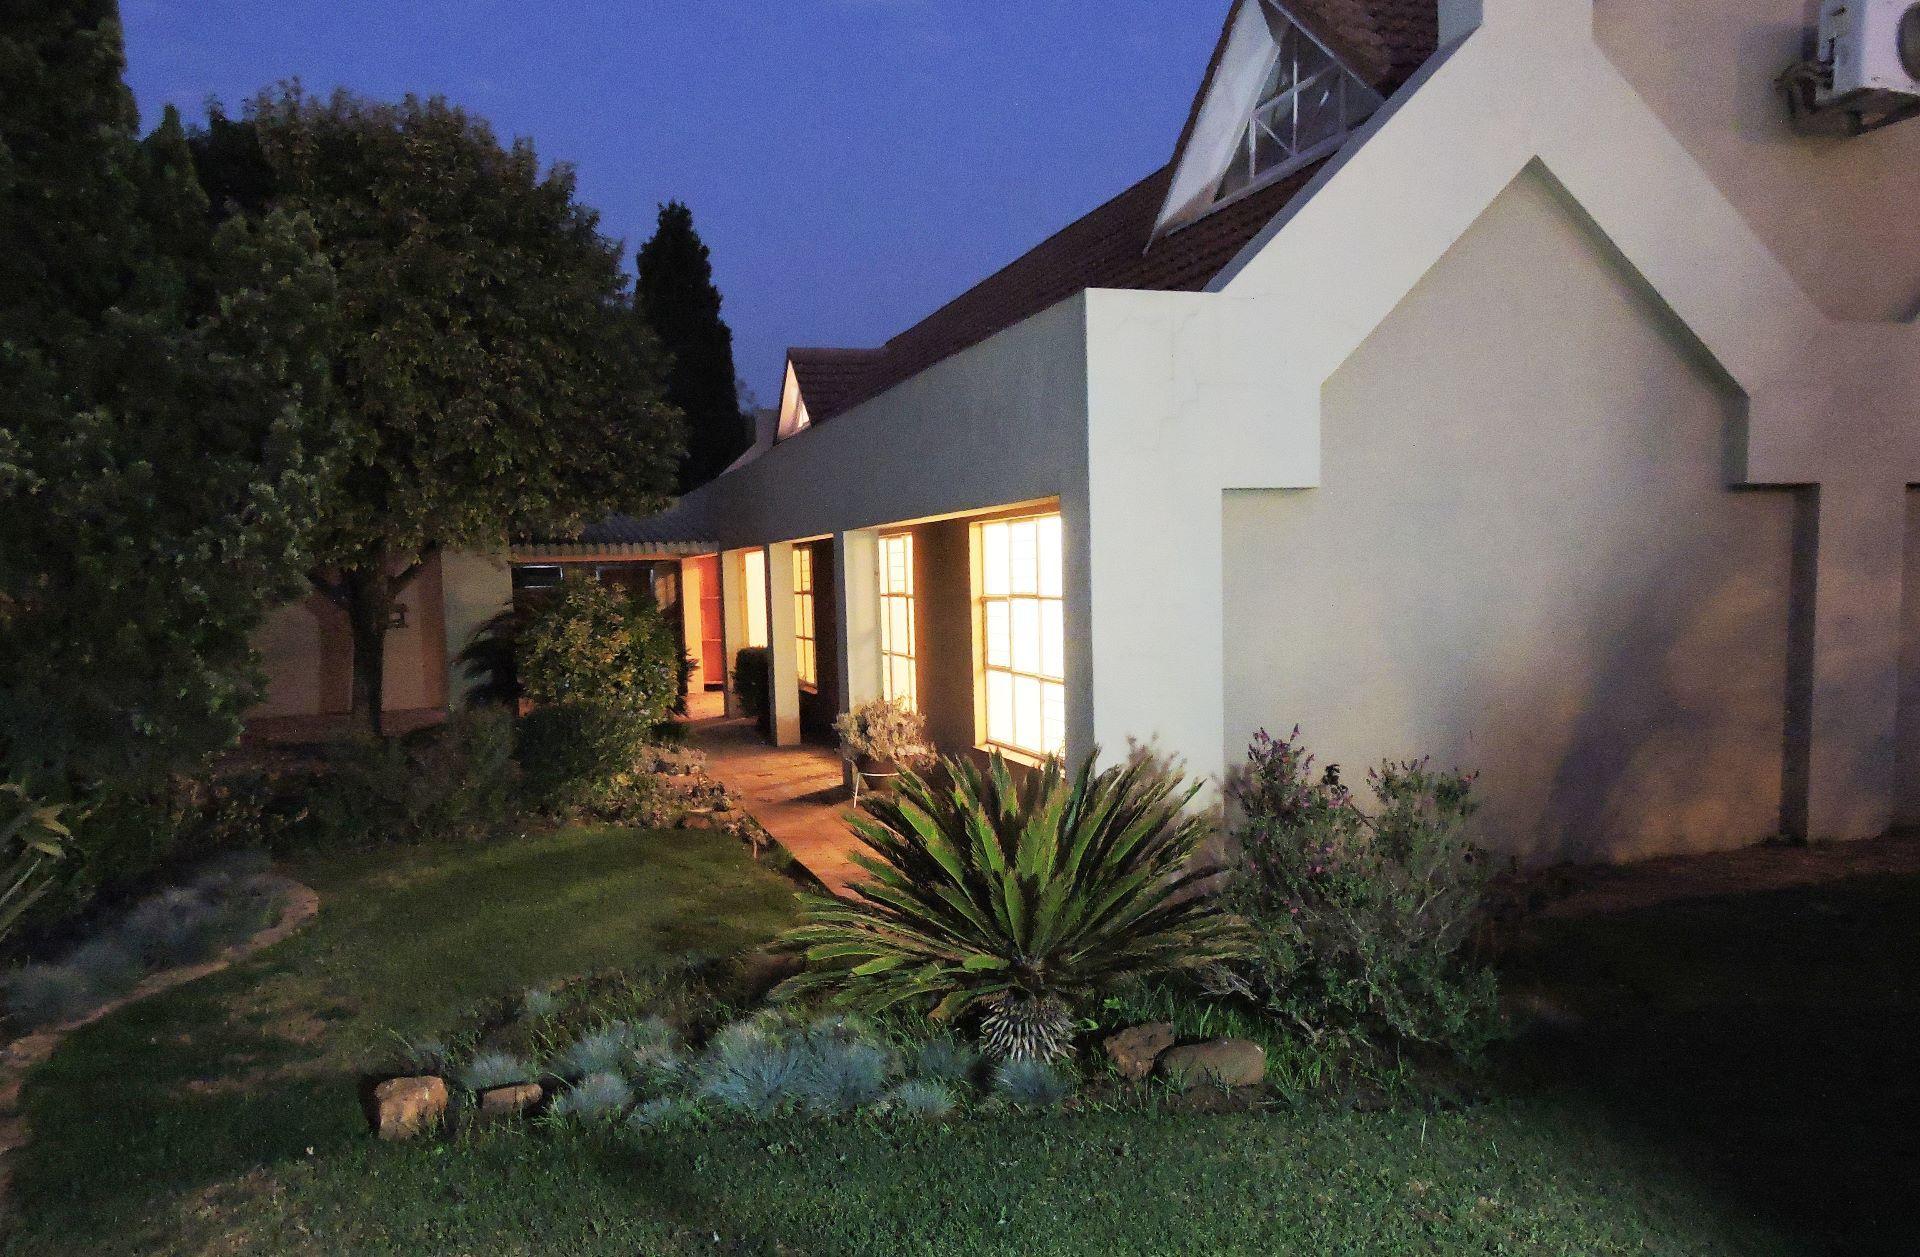 Potchefstroom, Heilige Akker Property  | Houses For Sale Heilige Akker, HEILIGE AKKER, House 4 bedrooms property for sale Price:2,131,000